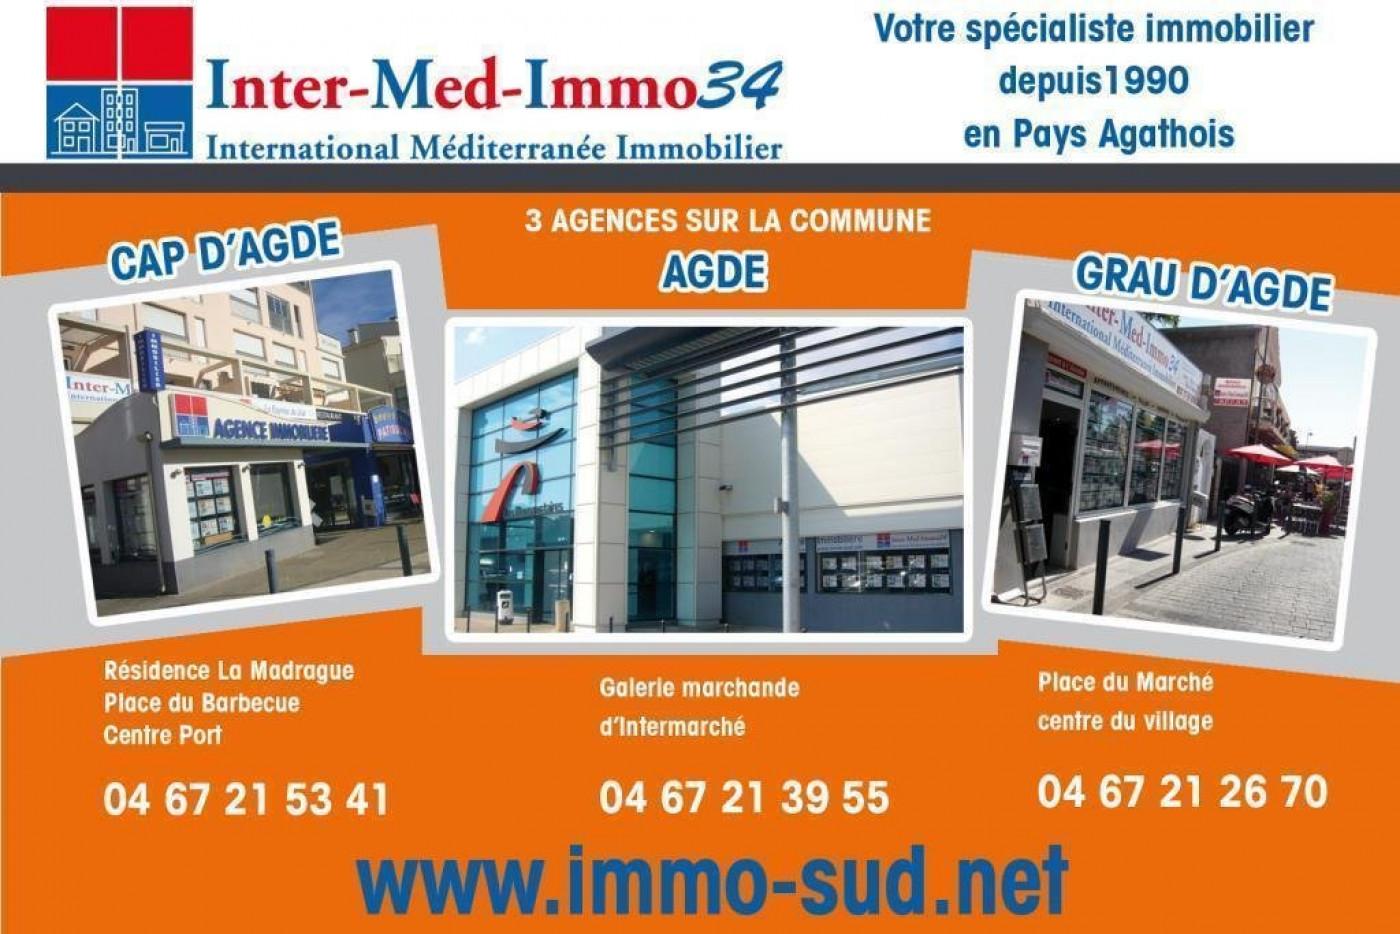 A vendre  Le Cap D'agde | Réf 3458244249 - Inter-med-immo34